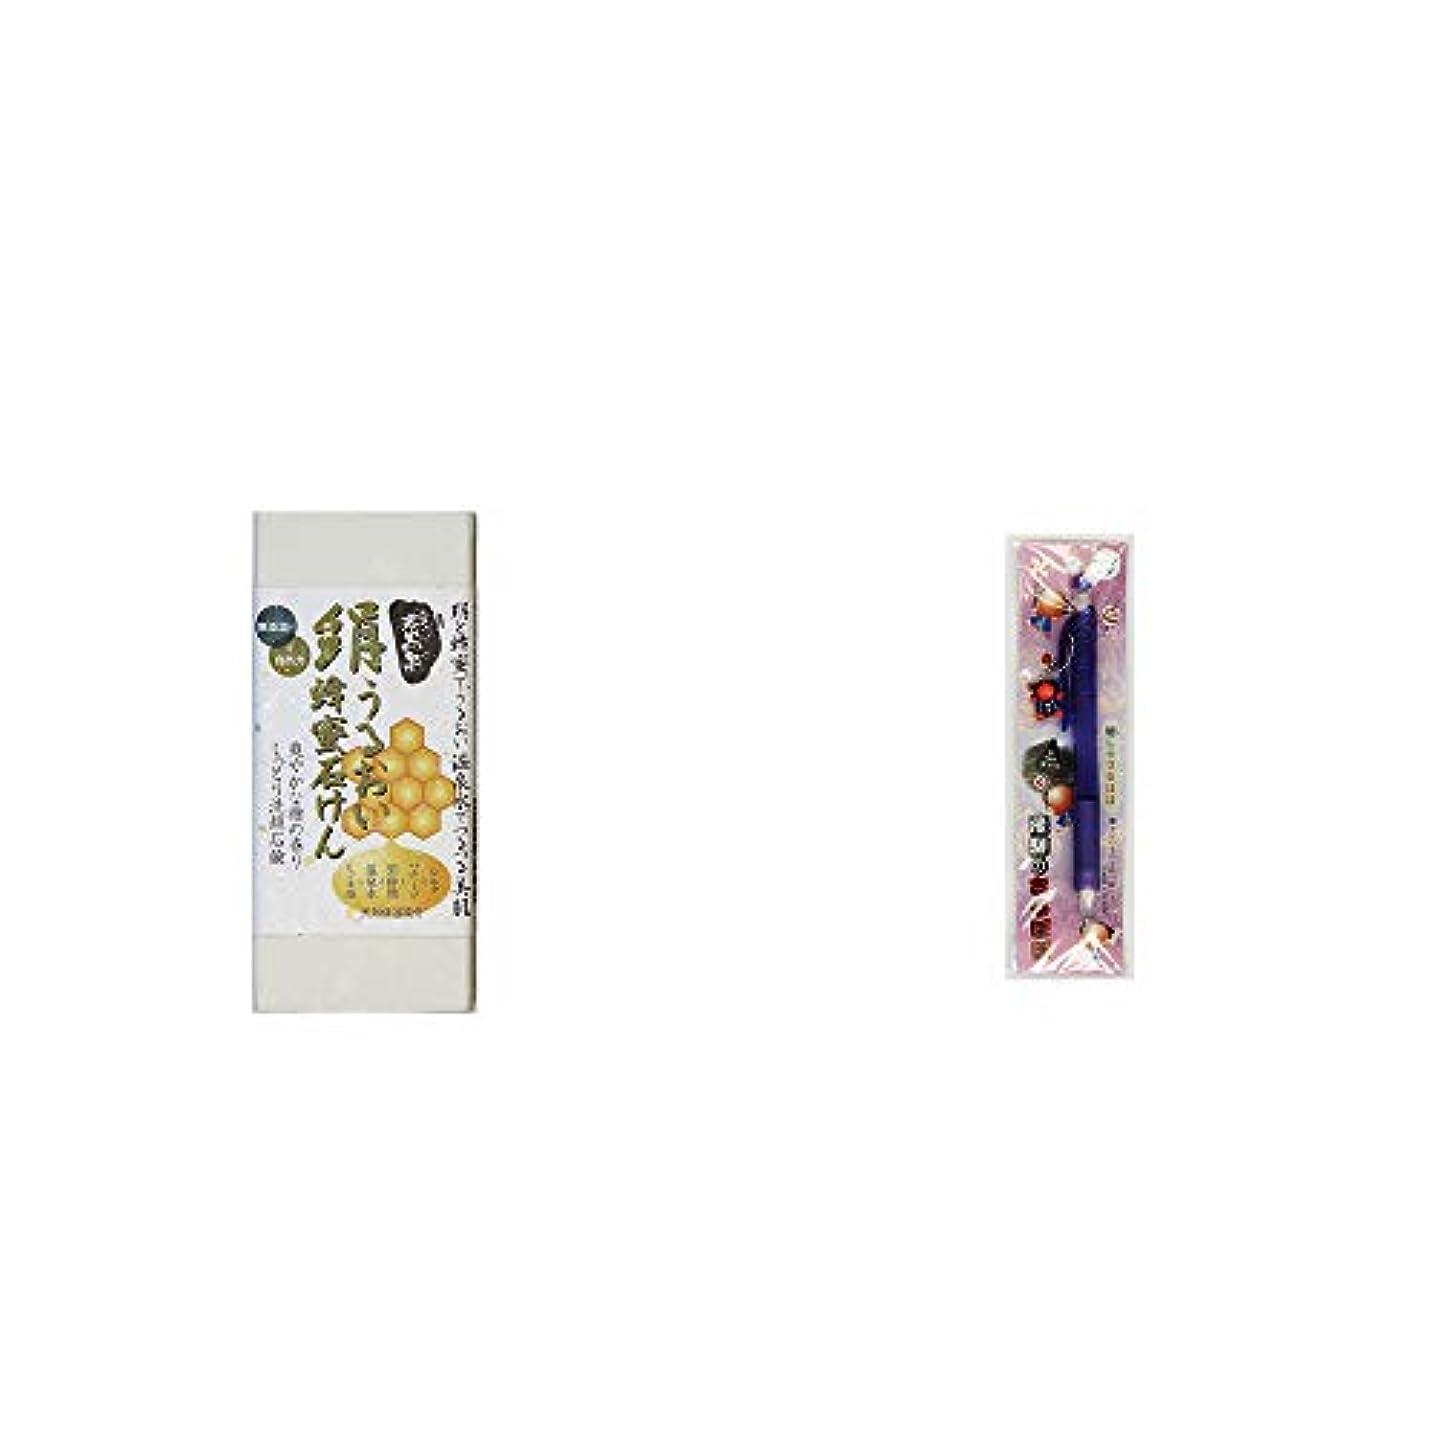 あご方法断言する[2点セット] ひのき炭黒泉 絹うるおい蜂蜜石けん(75g×2)?さるぼぼ 癒しシャープペン 【パープル】